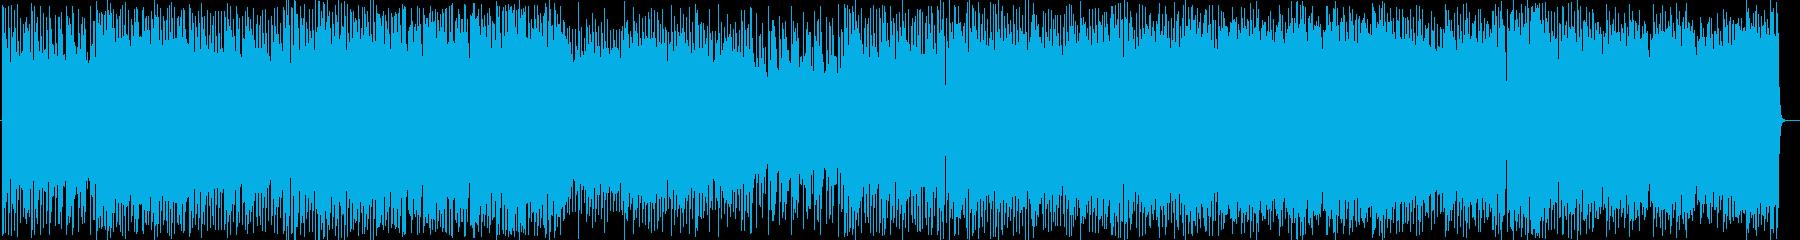 ヘヴィロック アクション 静か a...の再生済みの波形